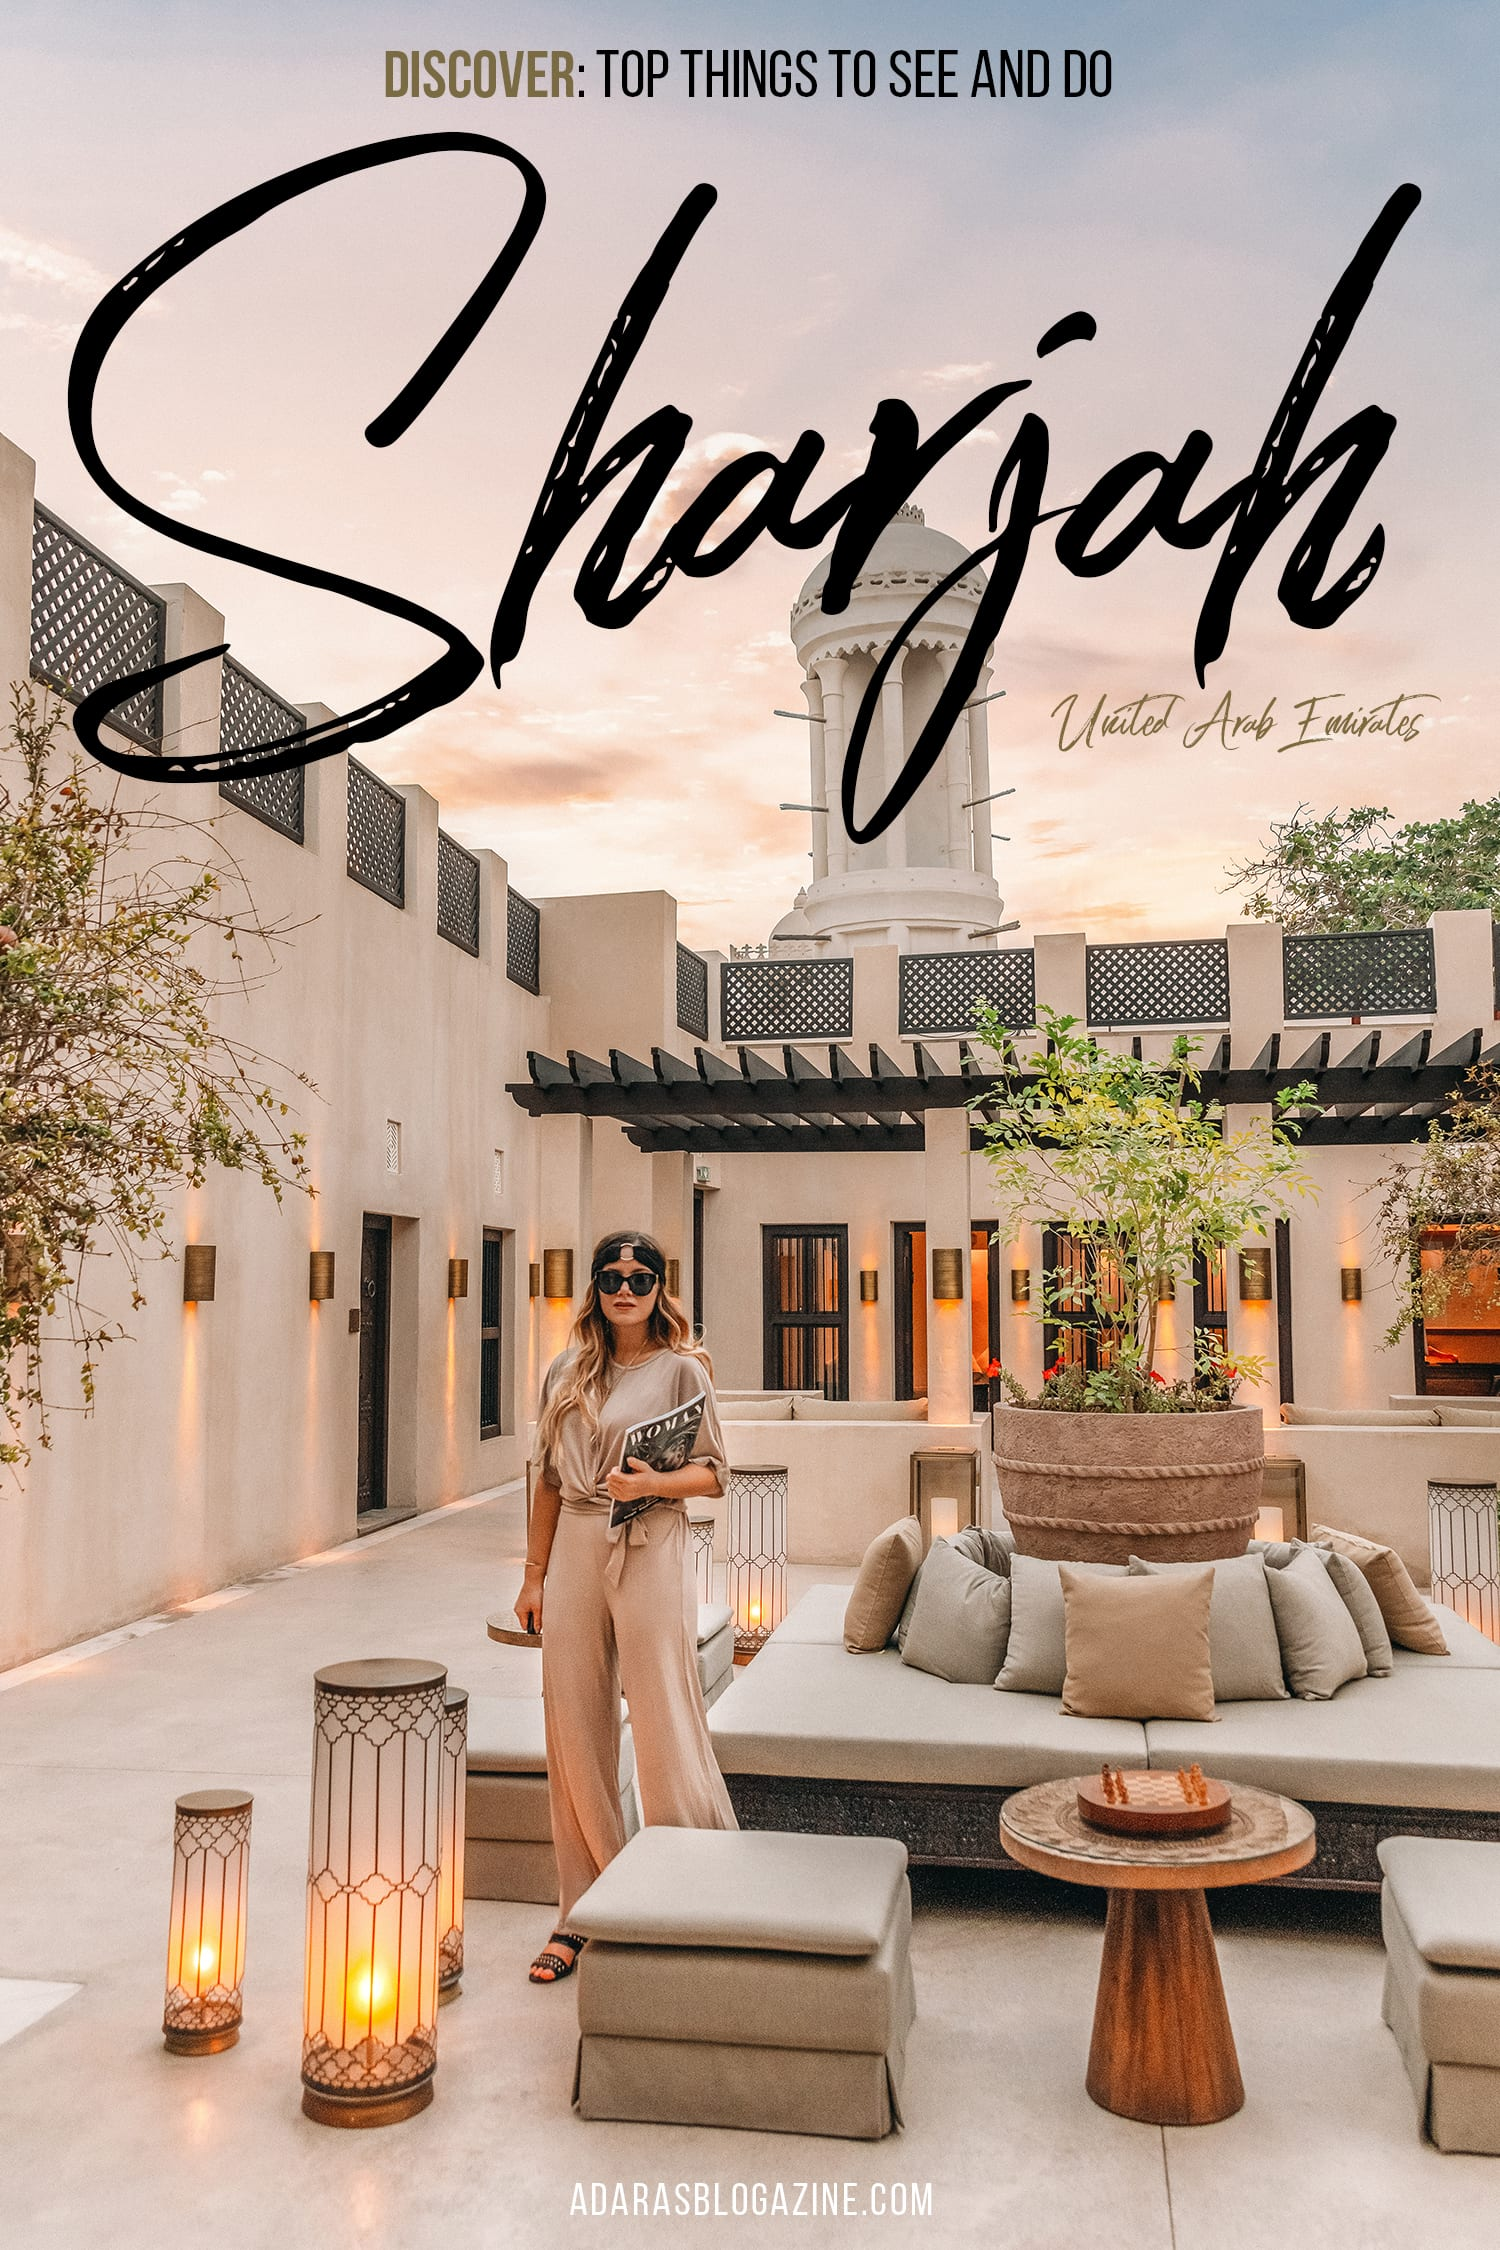 Best Things to Do in Sharjah, UAE